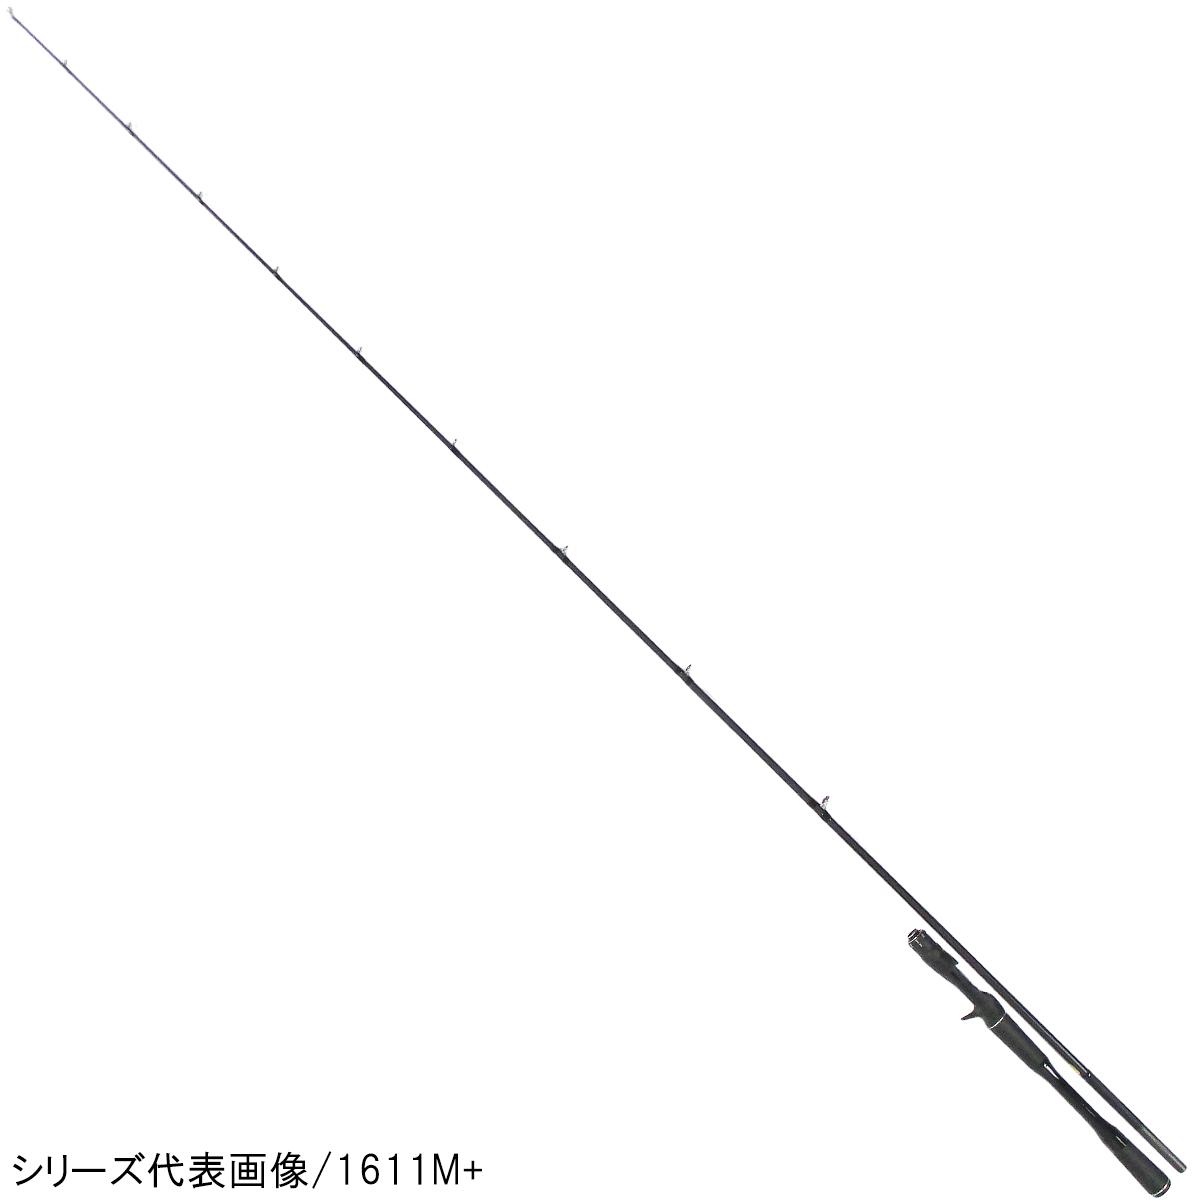 シマノ ポイズンアドレナ (ベイト) 172H【大型商品】(東日本店)